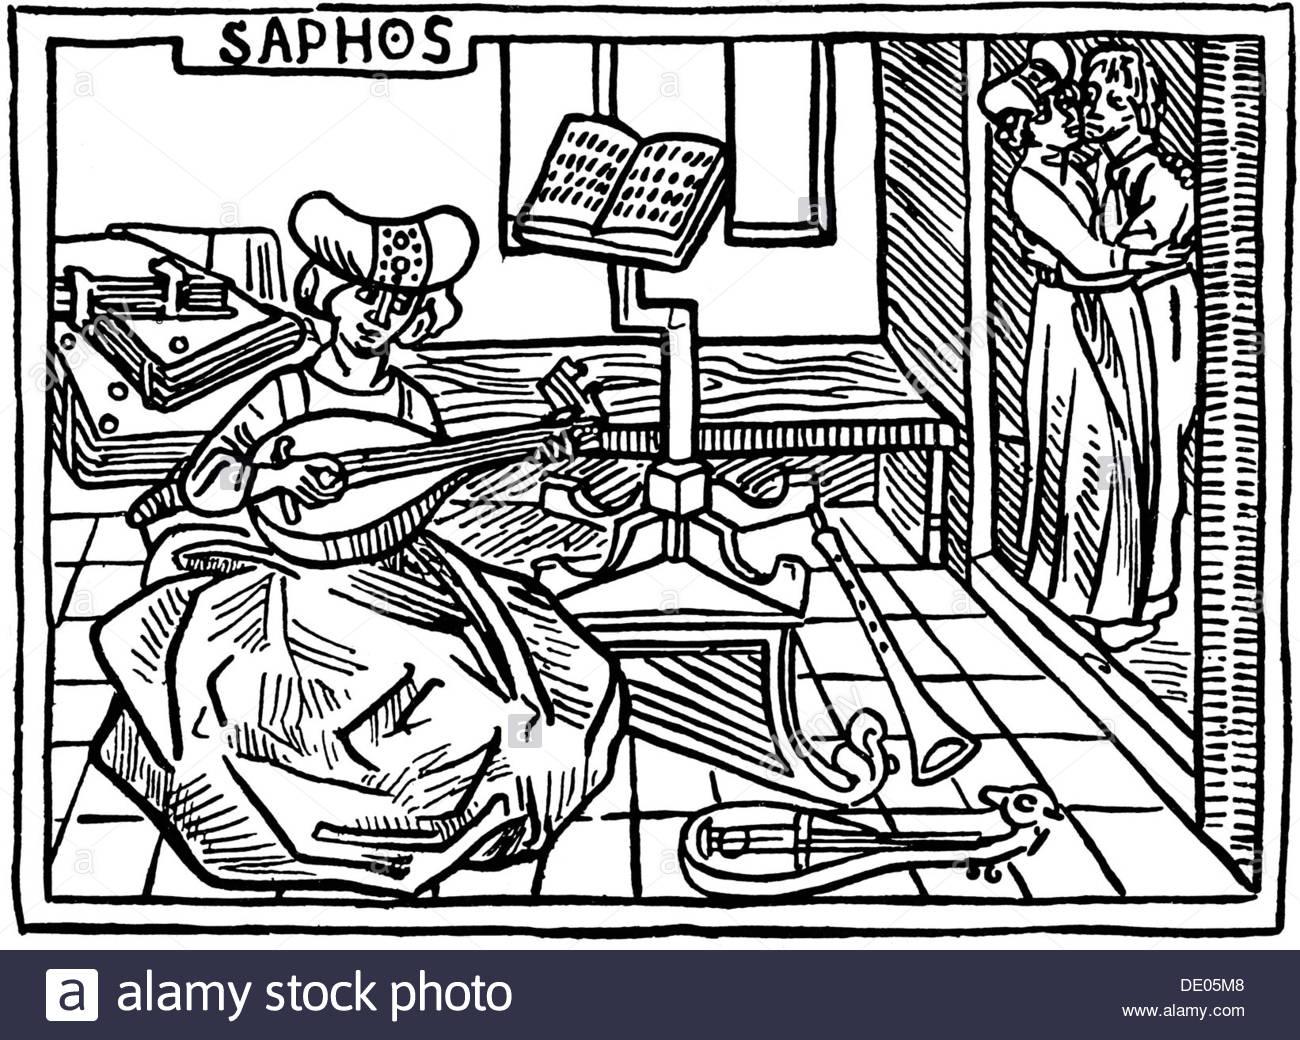 Sappho, illustration from the book De mulieribus claris, by Giovanni Boccaccio, 1473. - Stock Image